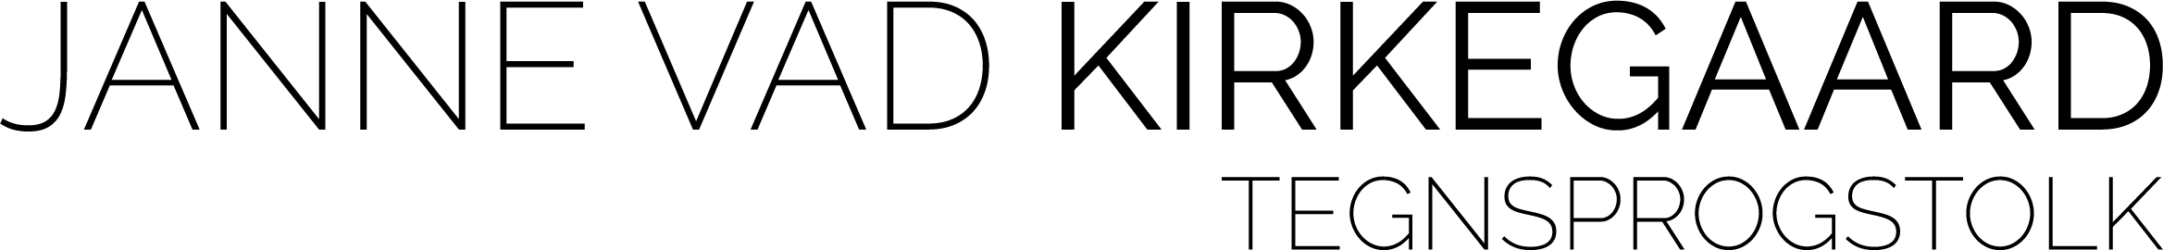 Tegnsprogstolk